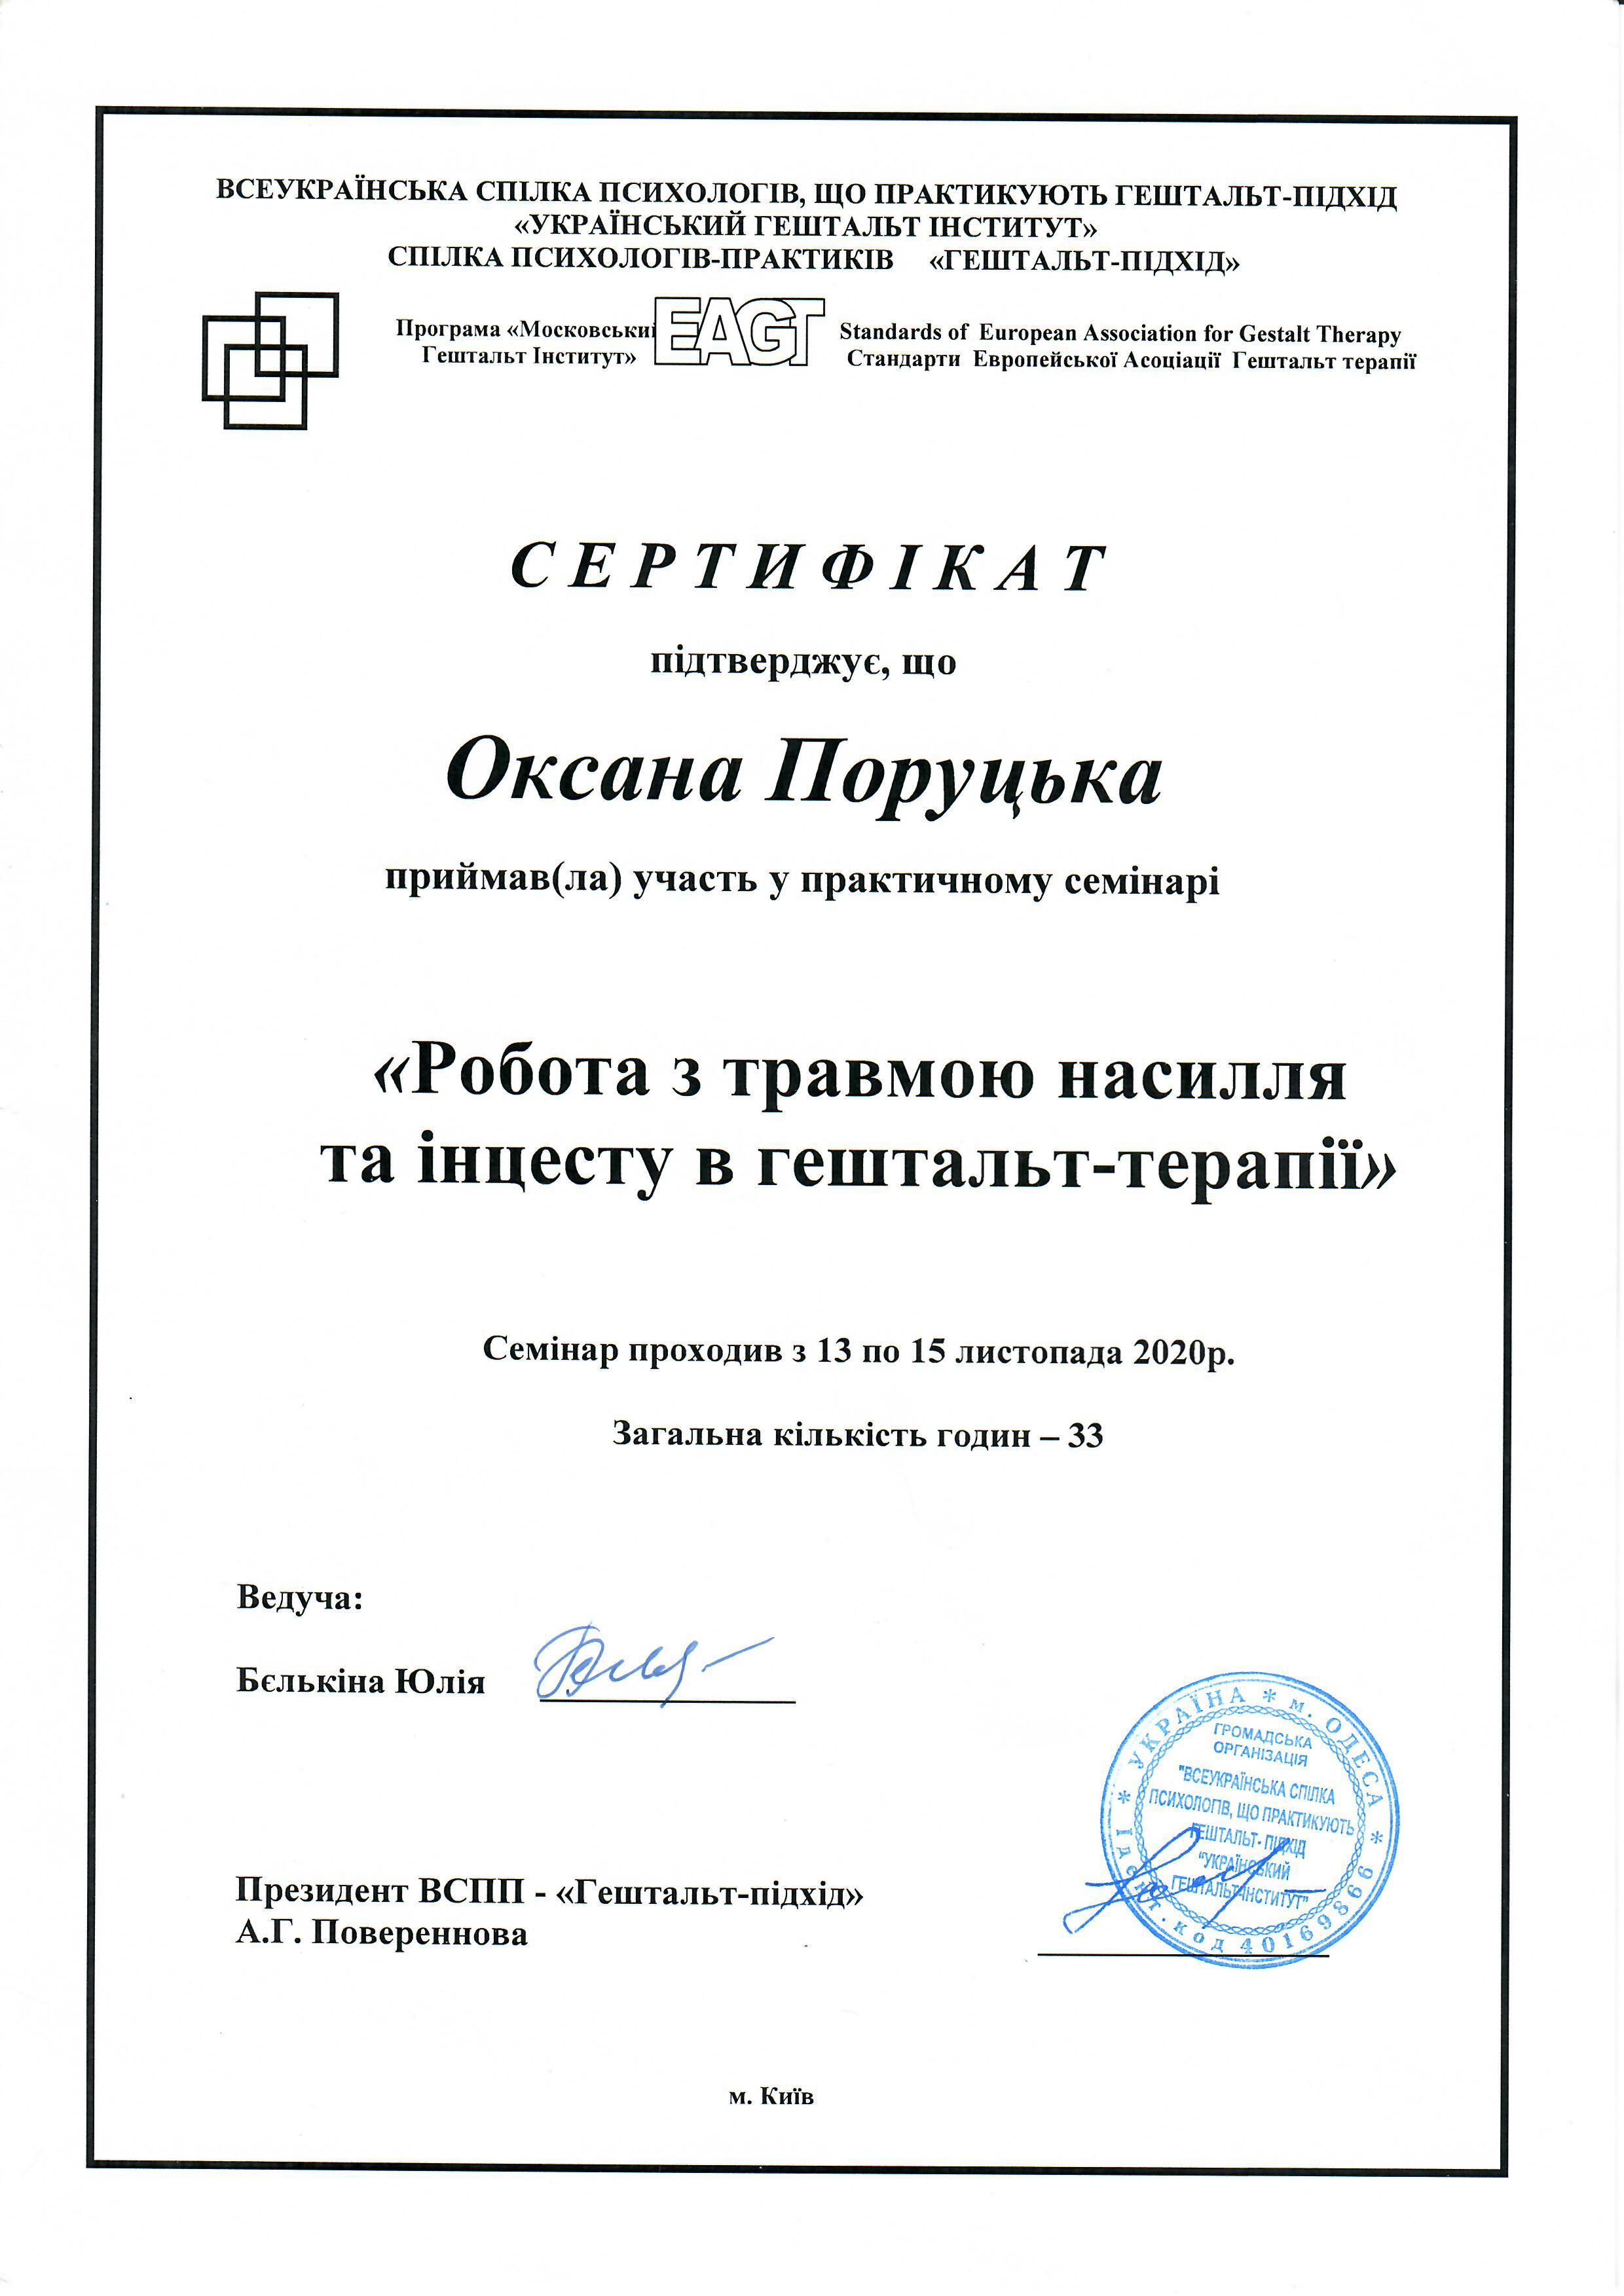 Оксана Поруцкая психотерапевт